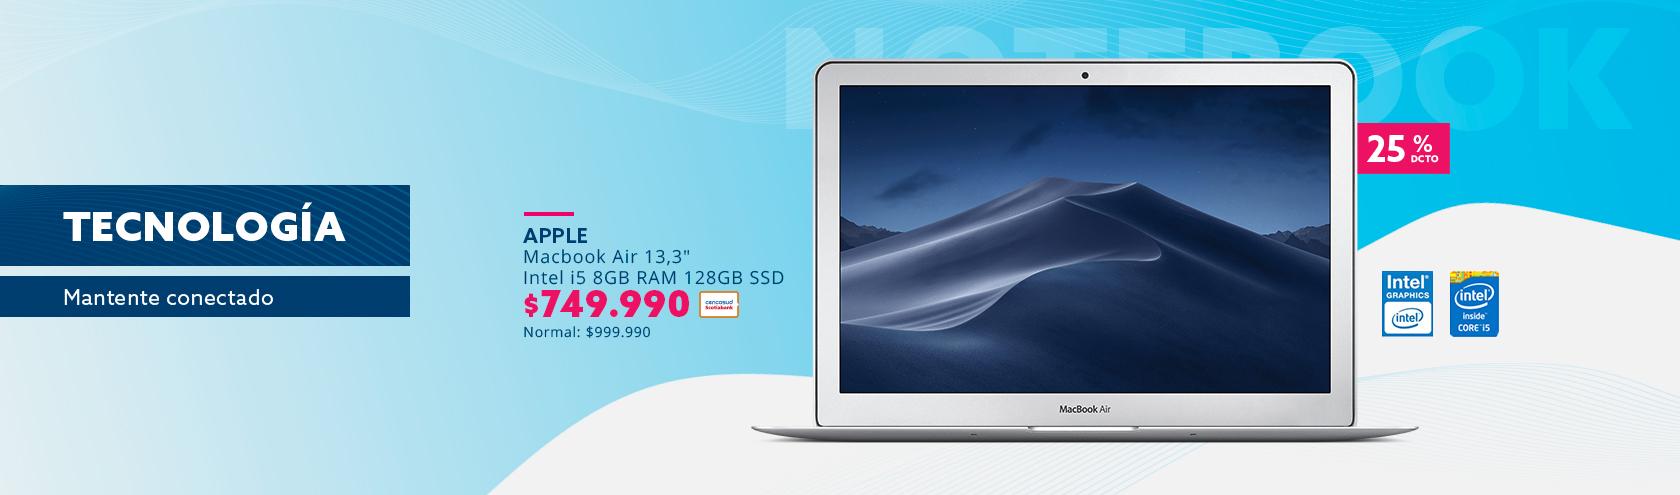 Macbook Air 13,3 pulgadas a 749.990 pesos con tarjeta cencosud